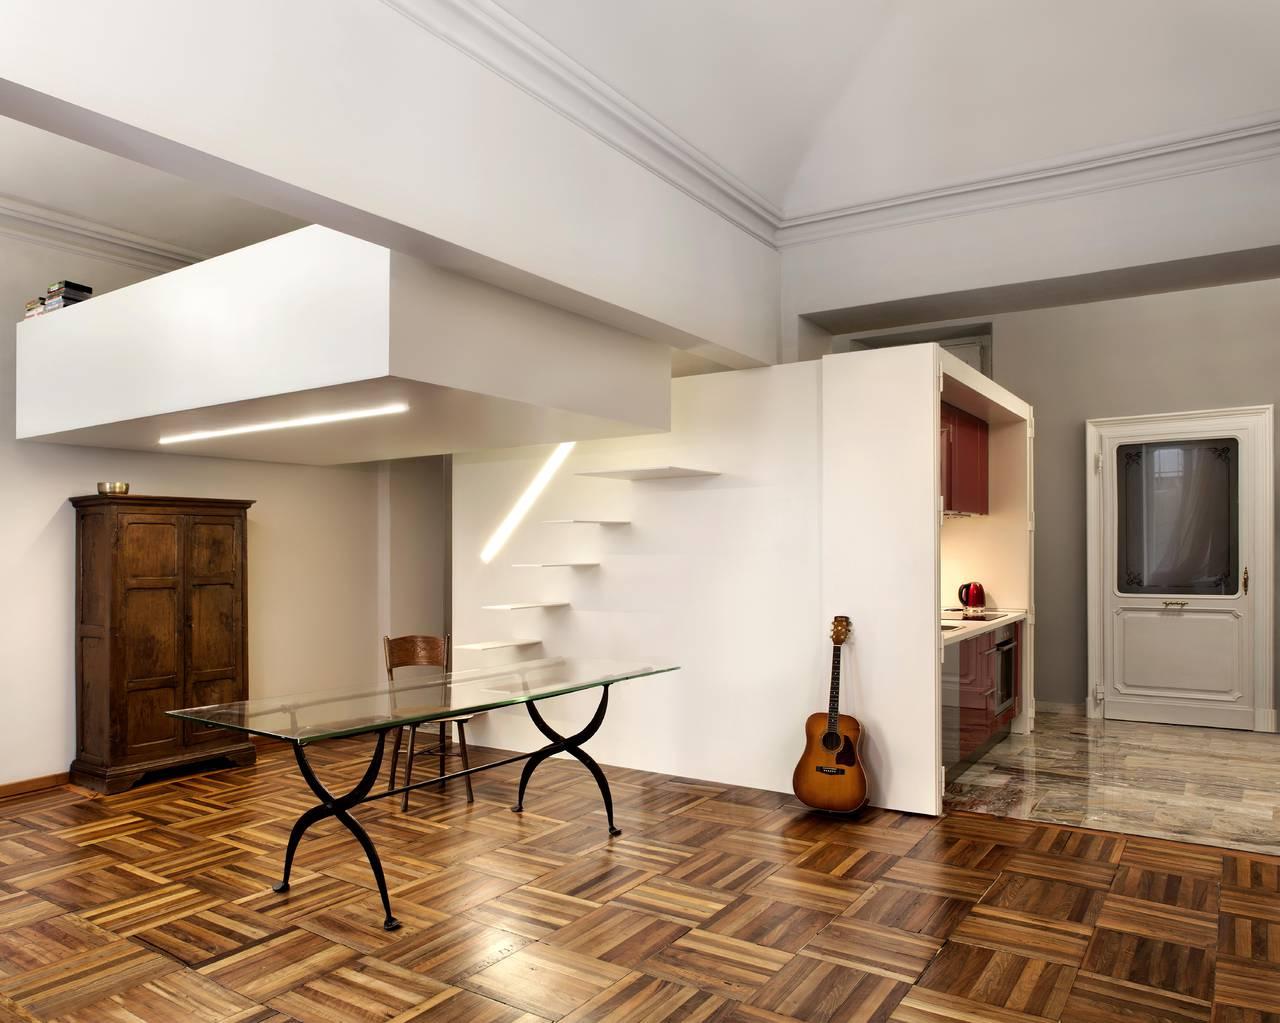 Da appartamento con doppio ingresso a monolocale indipendente for Immagini di appartamenti ristrutturati